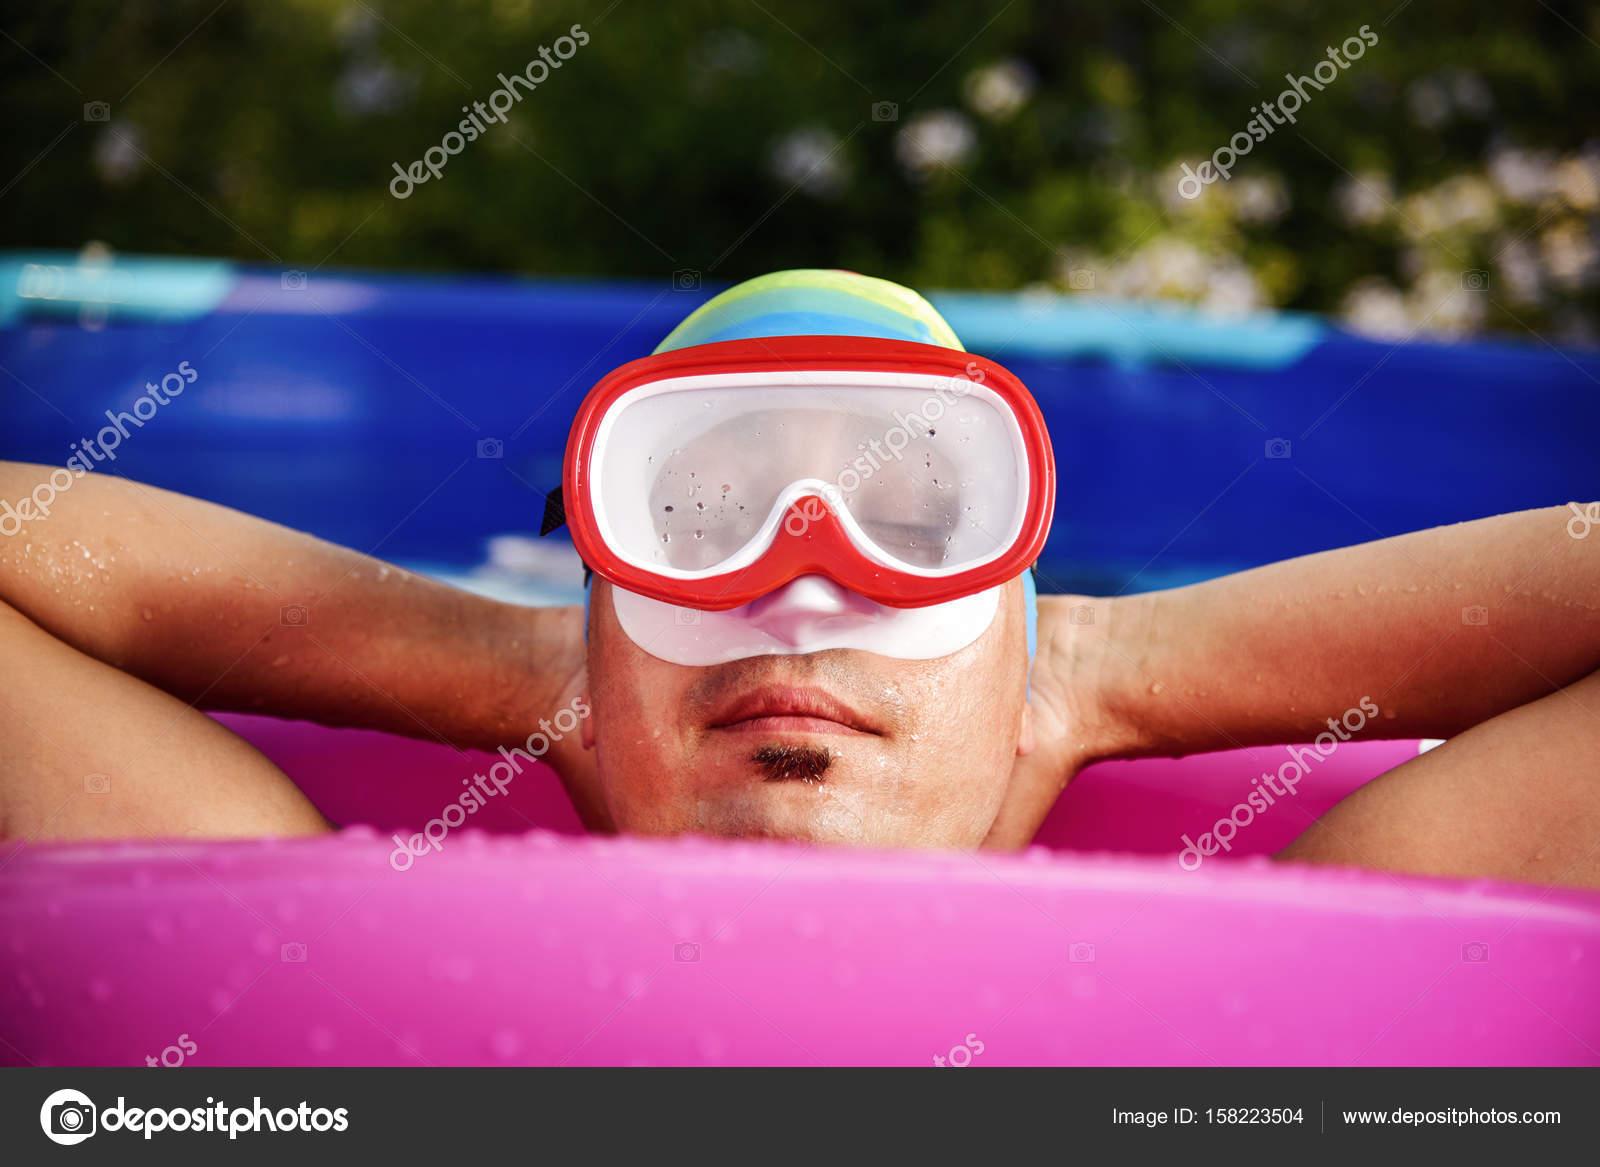 Gros plan d un jeune homme de race blanche portant un masque de plongée, un  bonnet de bain et un anneau de bain rose vif relaxant dans une piscine  portable ... ccd71d267b3